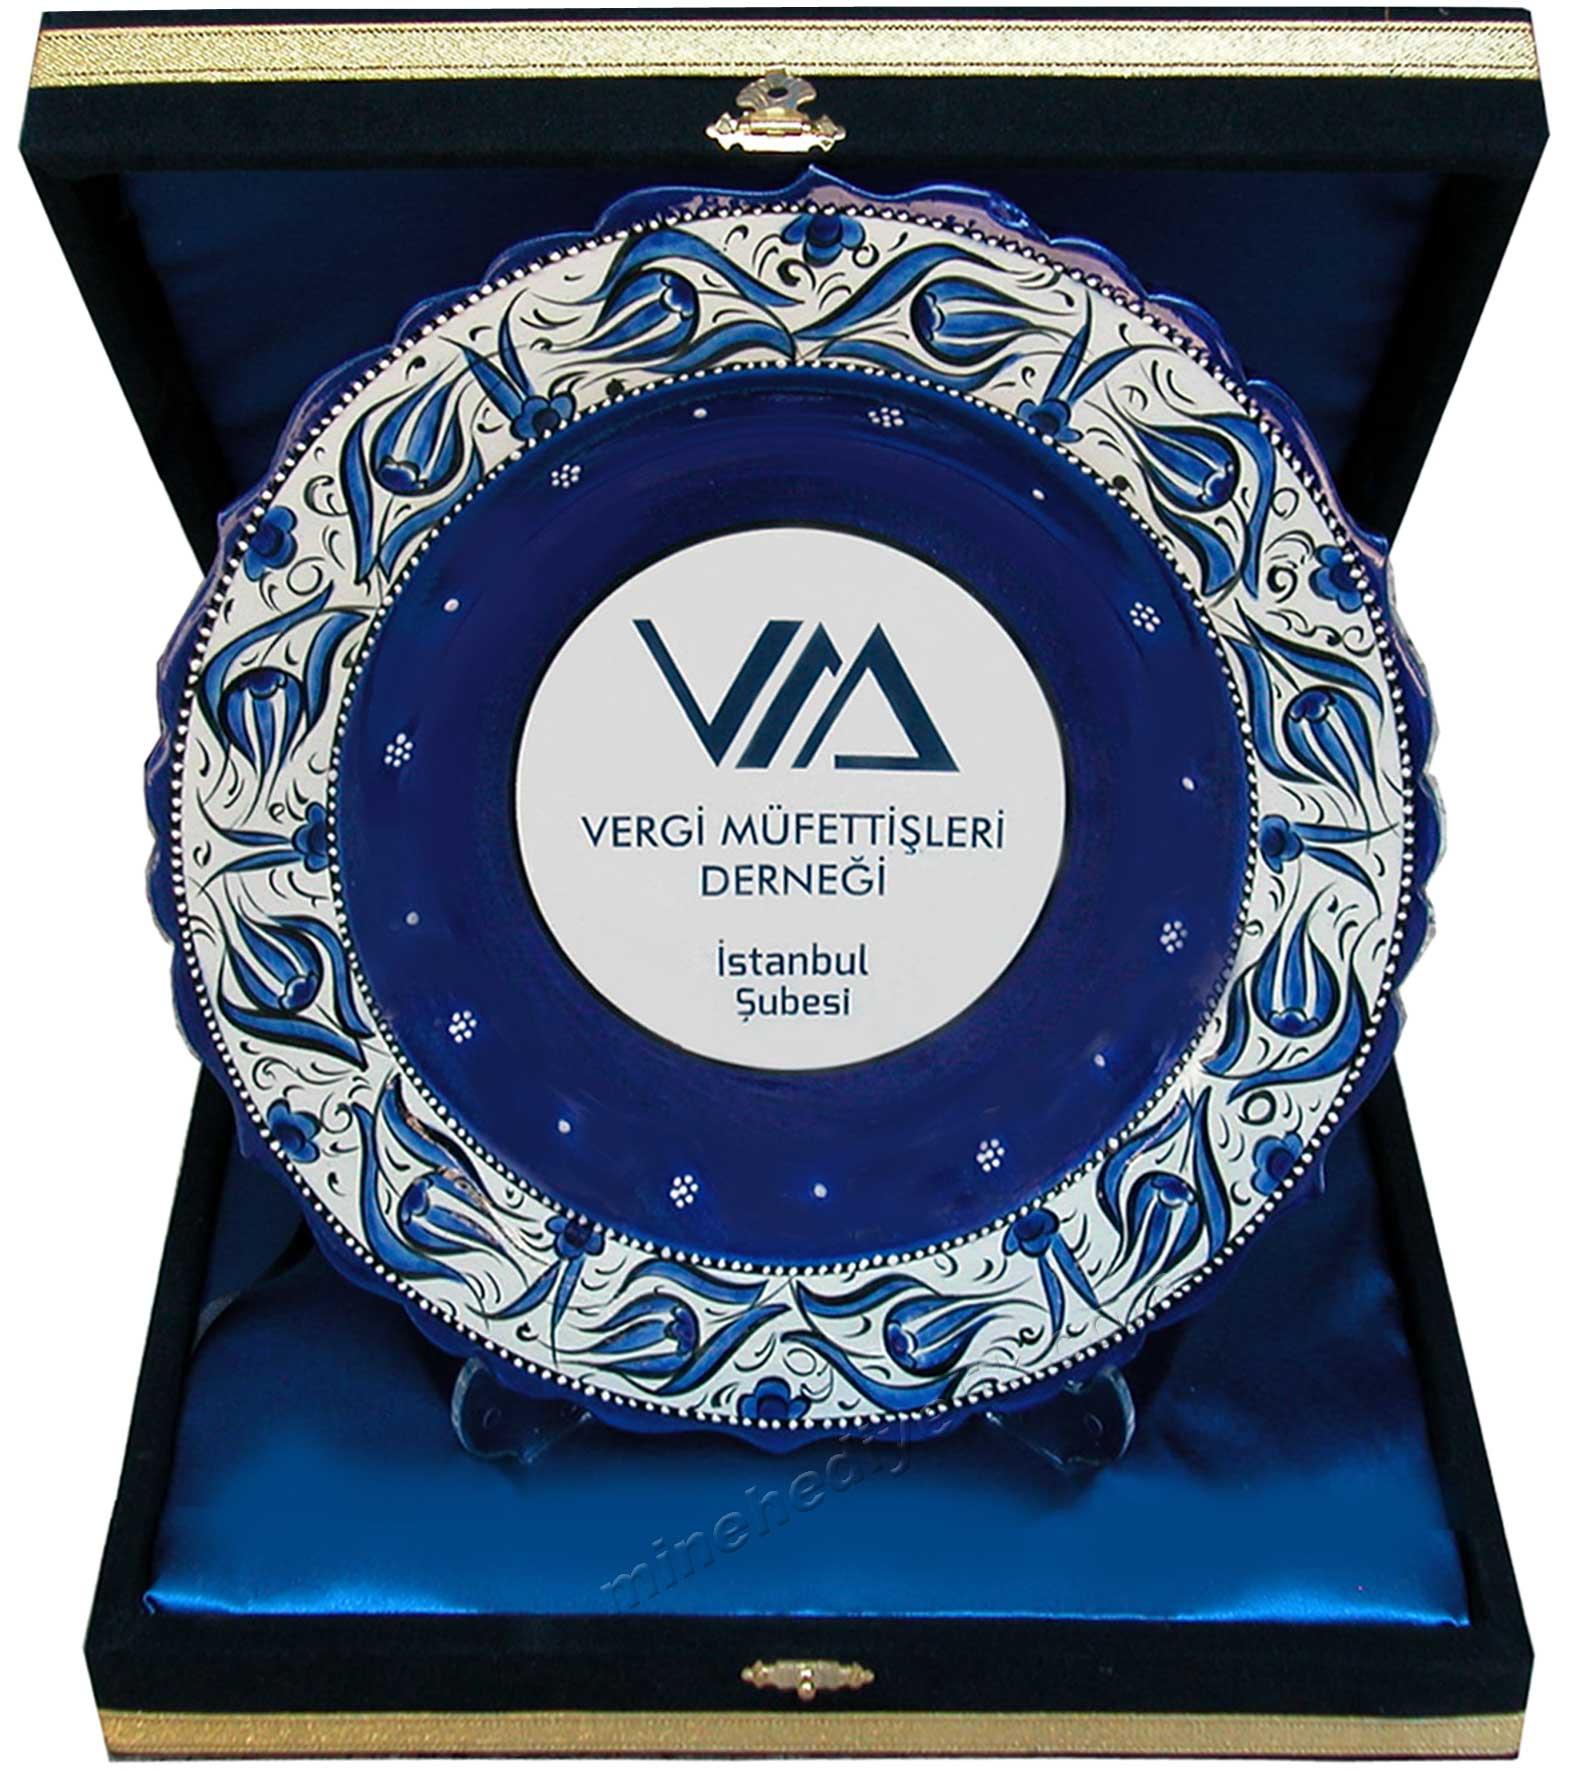 Kaliteli promosyon hediyeler kurumsal logo baskılı kutulu el yapımı çini tabak protokol hediyeleri Türkiye yi hatırlatan ve temsil eden bir hediye